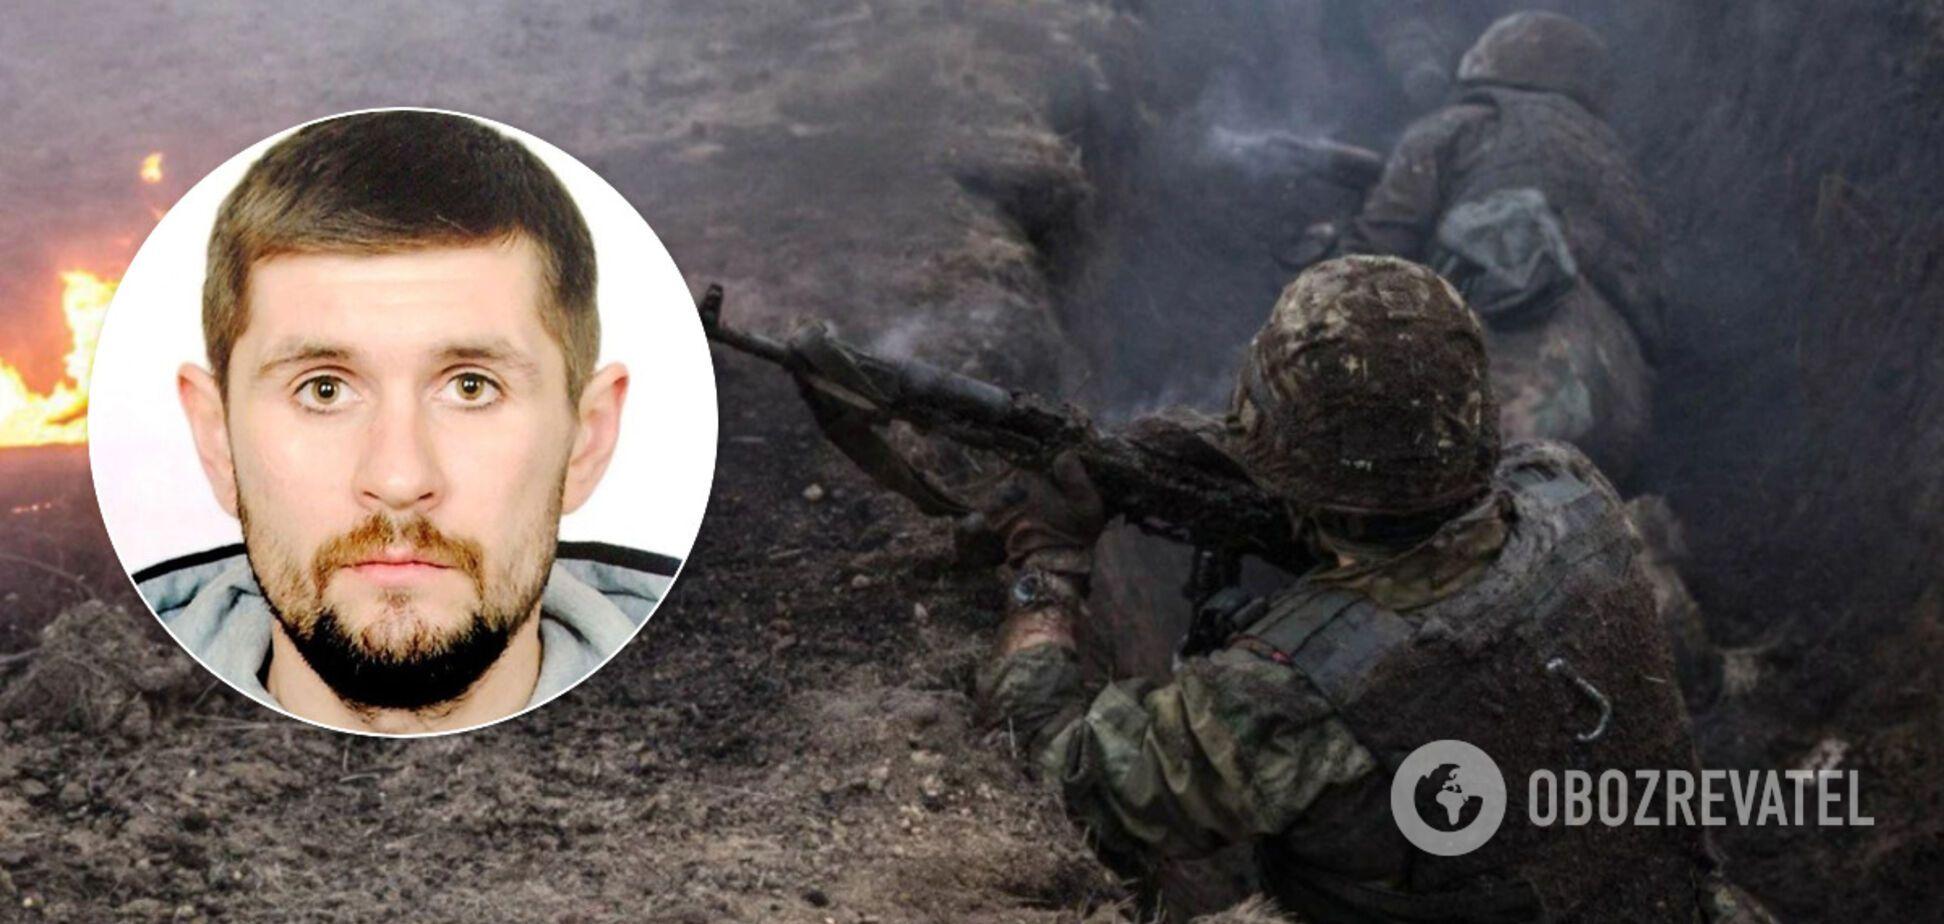 Кращий навідник, загинув на очах у друзів: стало відомо ім'я полеглого на Донбасі Героя